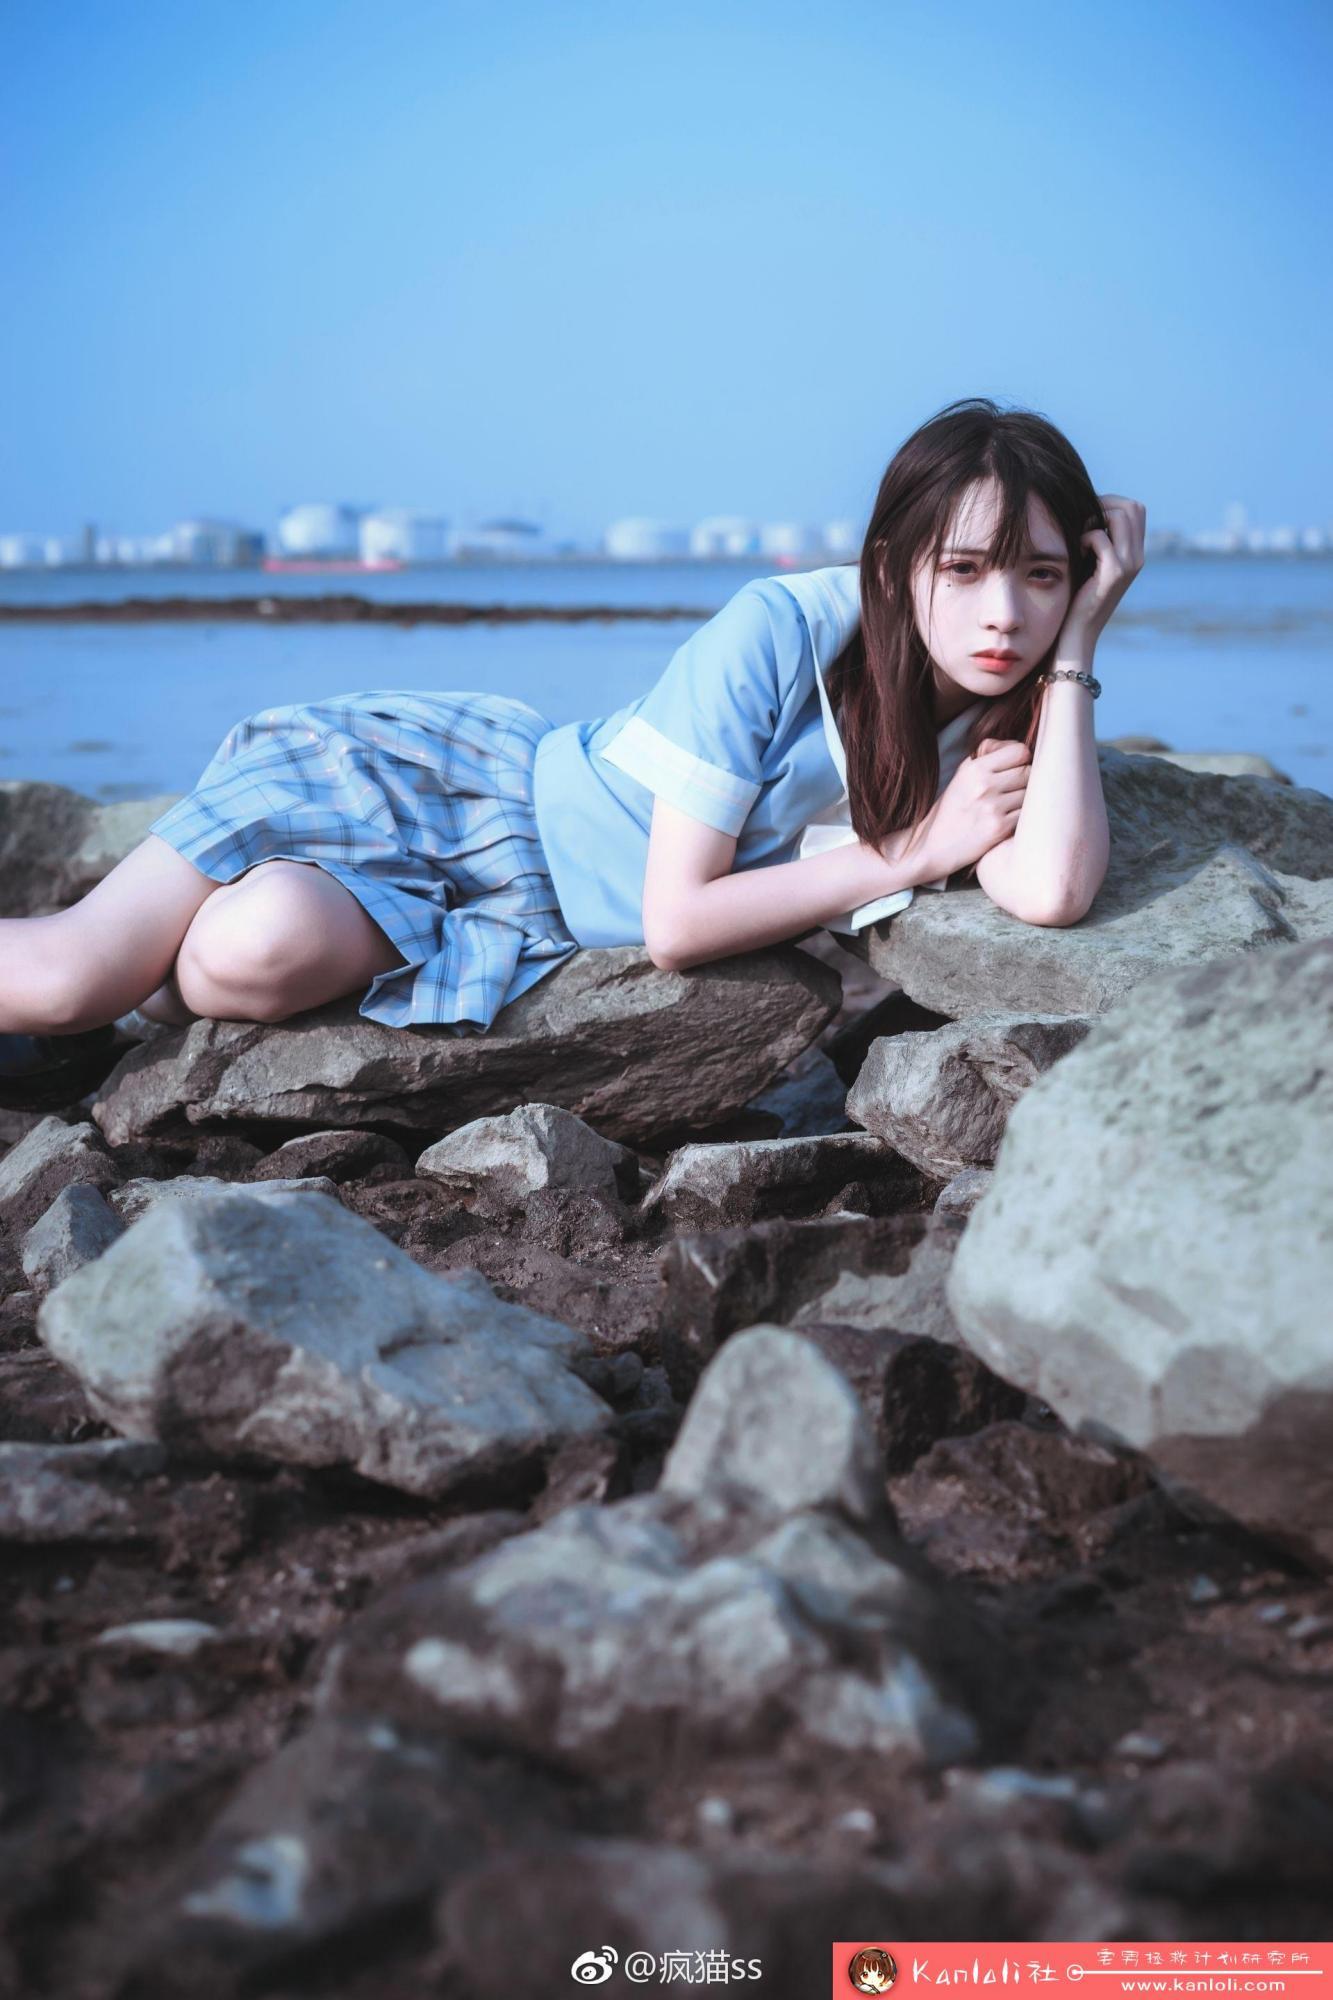 【疯猫ss】疯猫ss写真-FM-010 美女校花的性感蕾丝短袜 [9P]